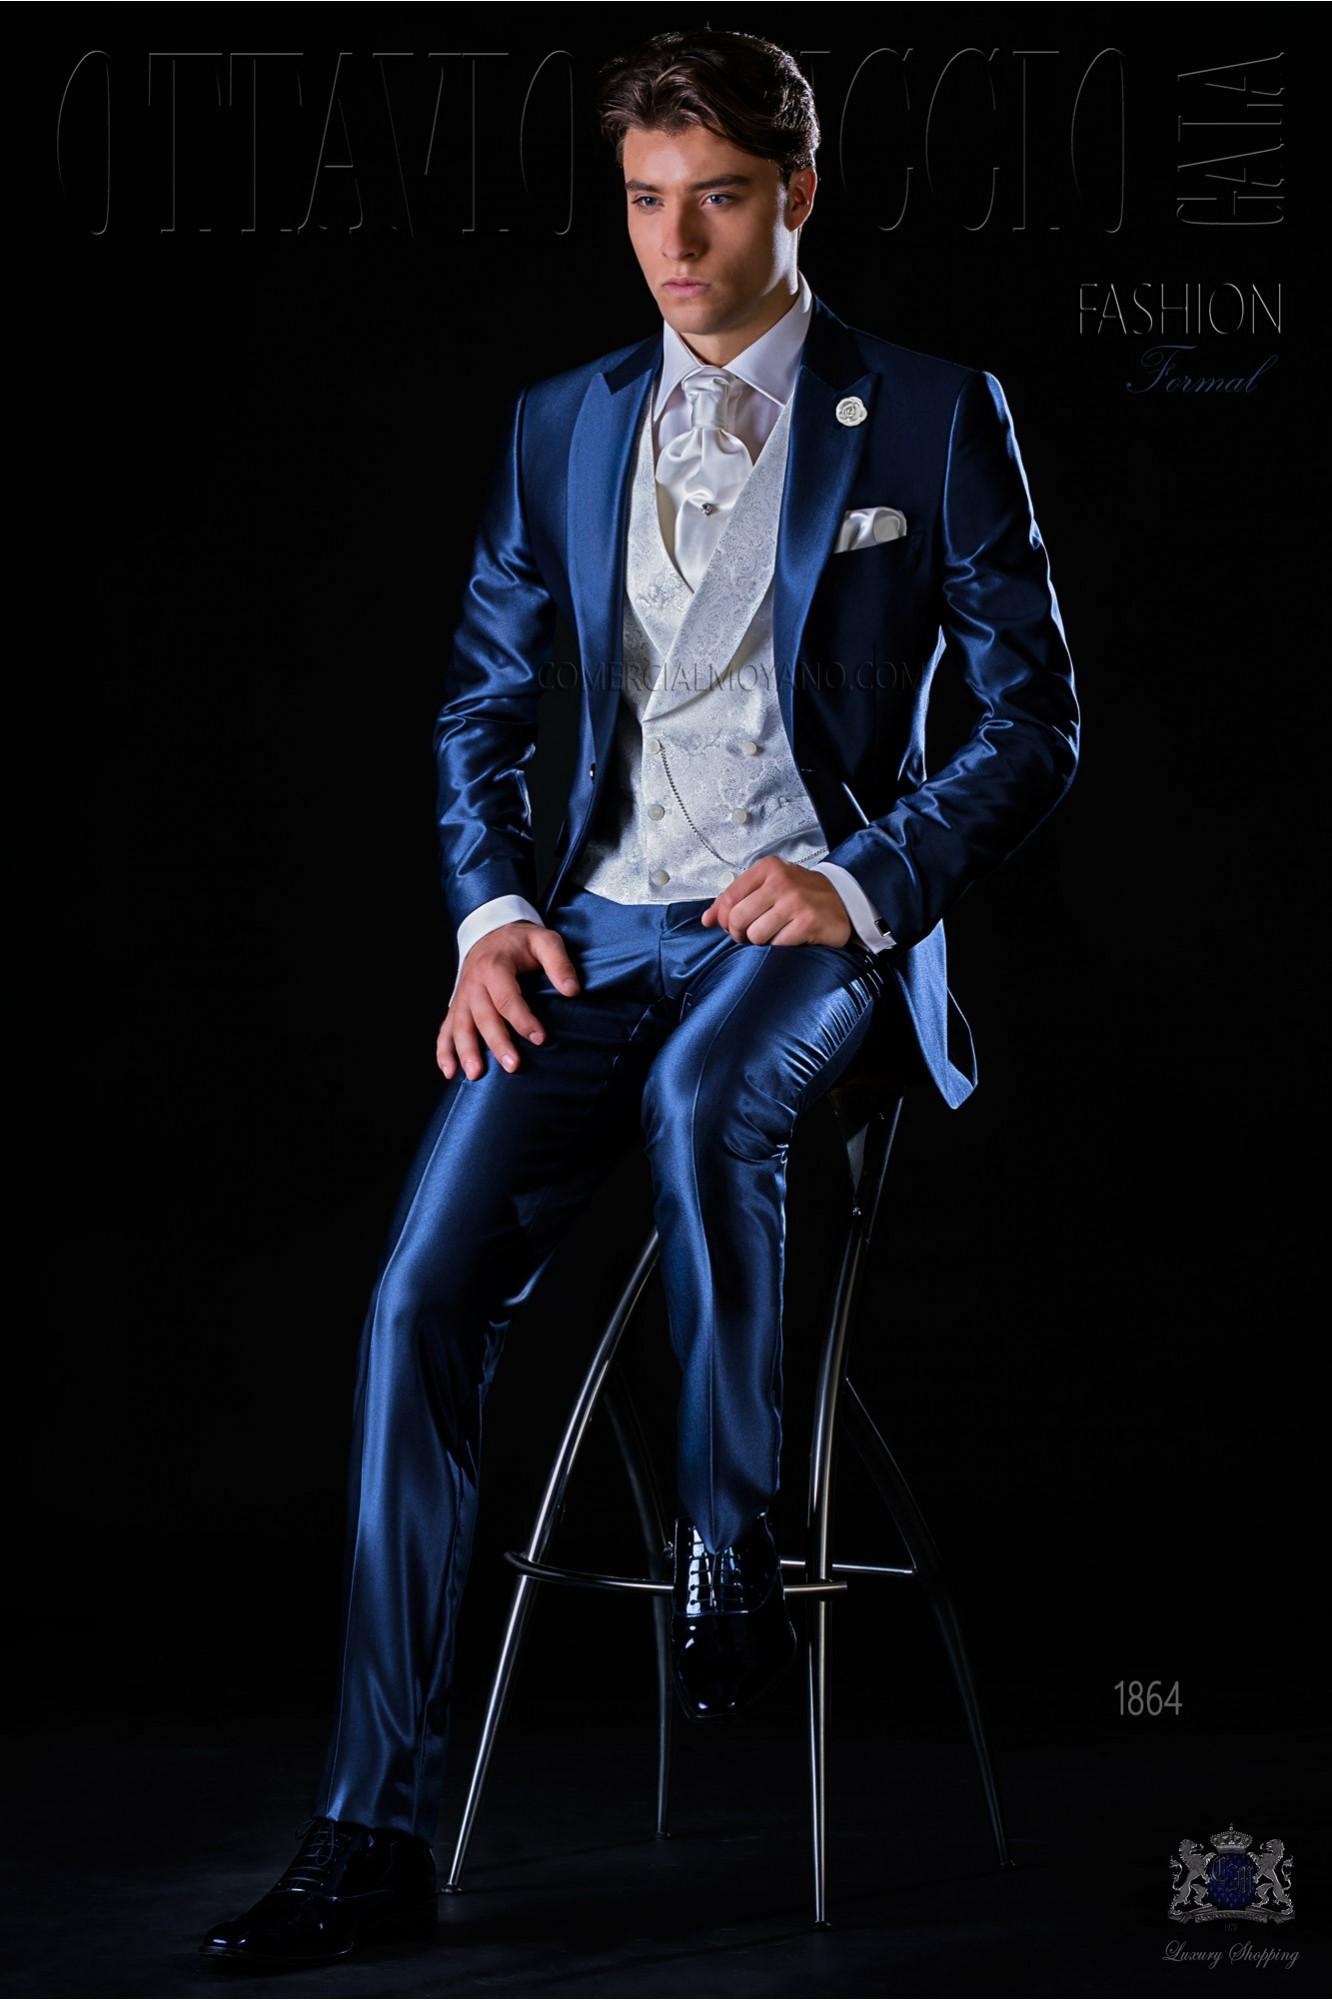 nuevo alto disfruta el precio más bajo grandes variedades Traje de novio moderno azul royal con solapa pico